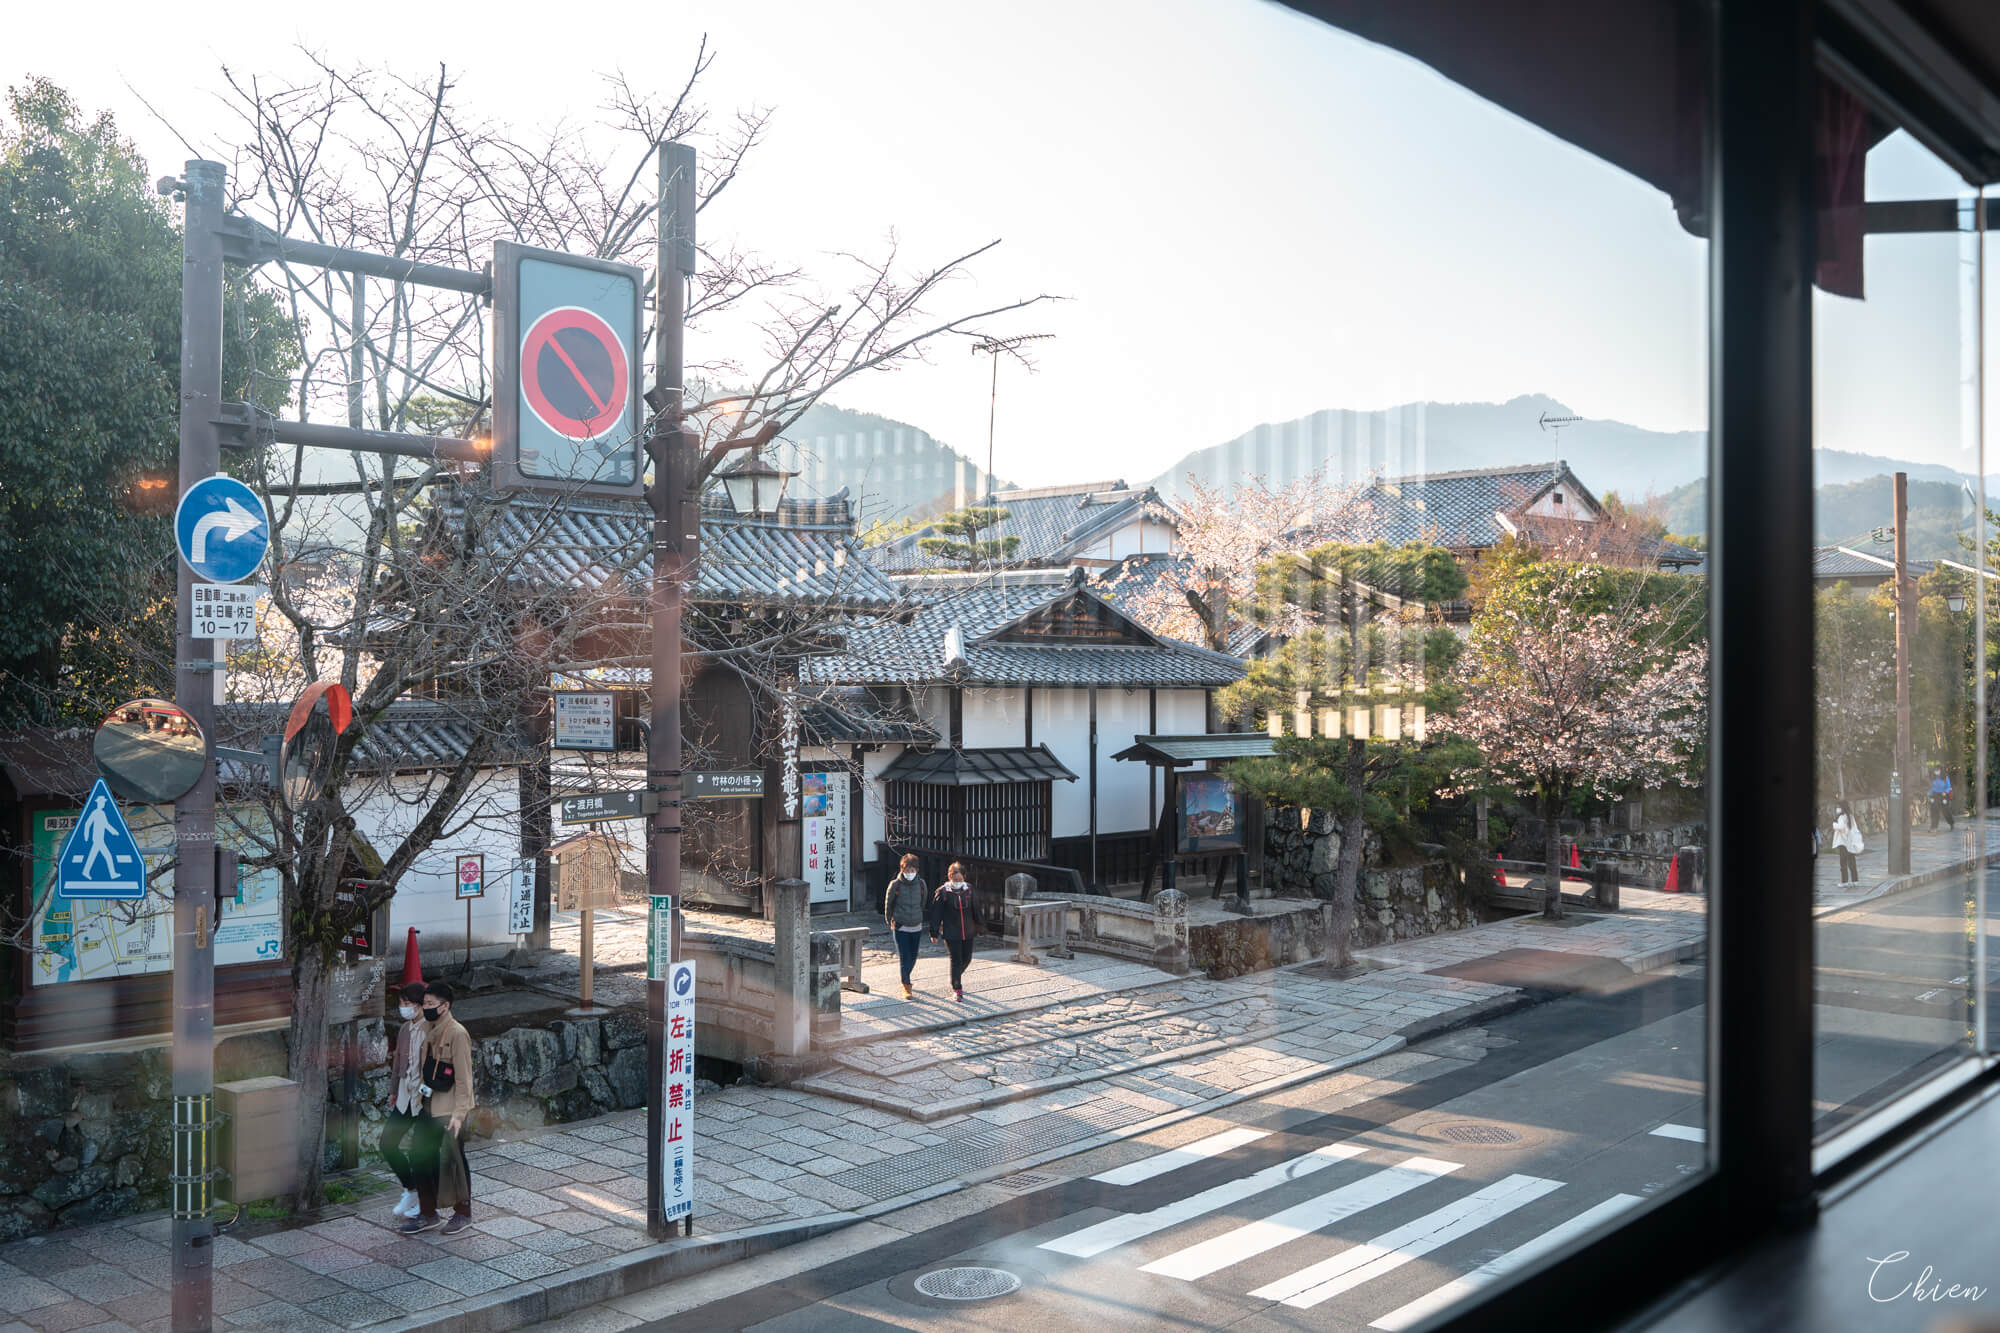 京都嵐山美食 豆皮湯葉料理「嵯峨とうふ 稲」